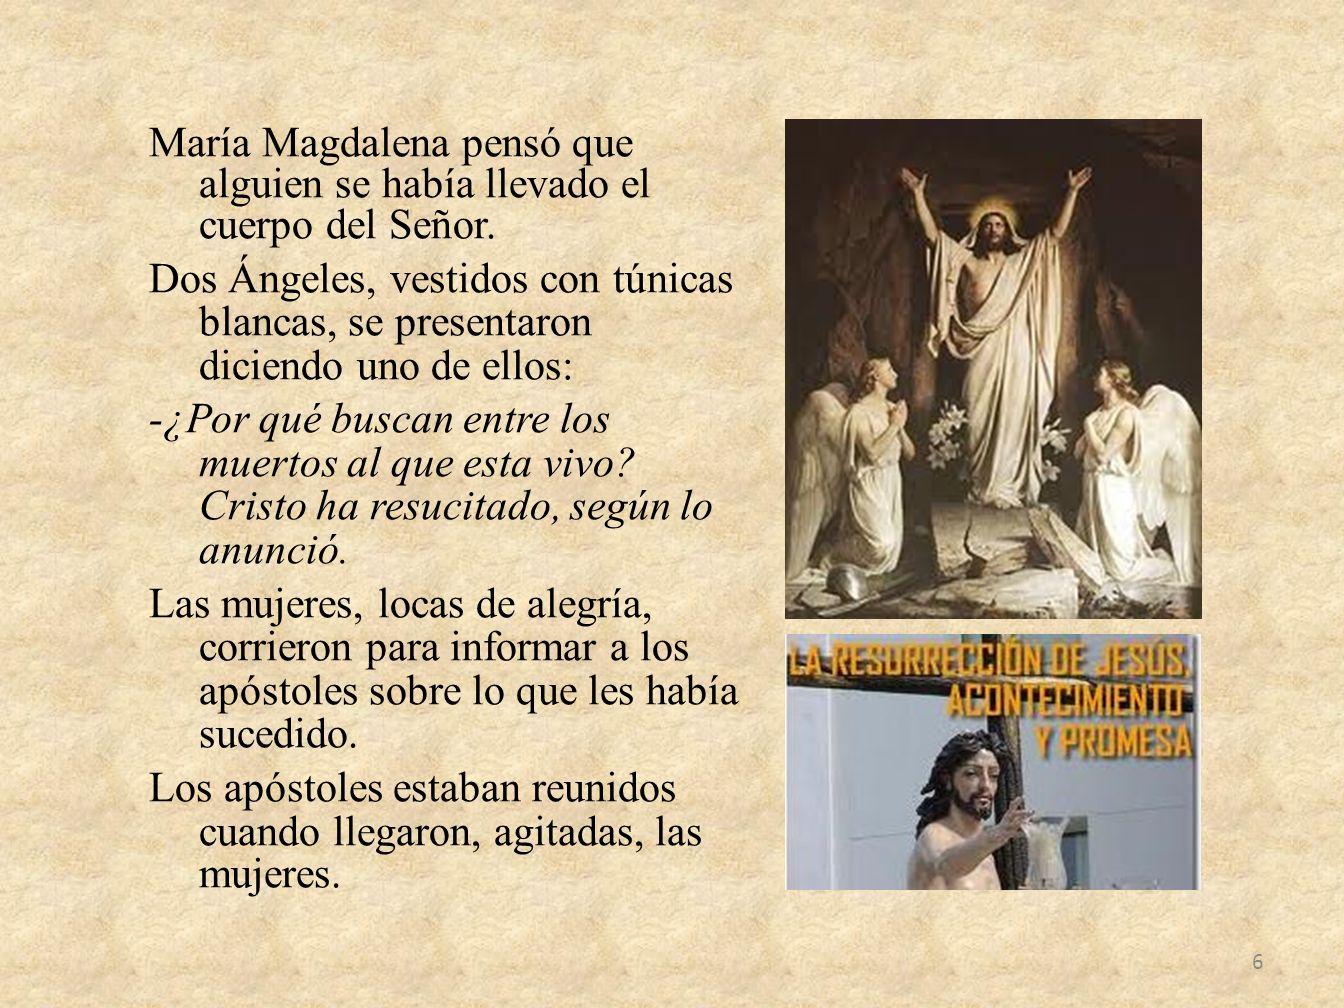 María Magdalena pensó que alguien se había llevado el cuerpo del Señor